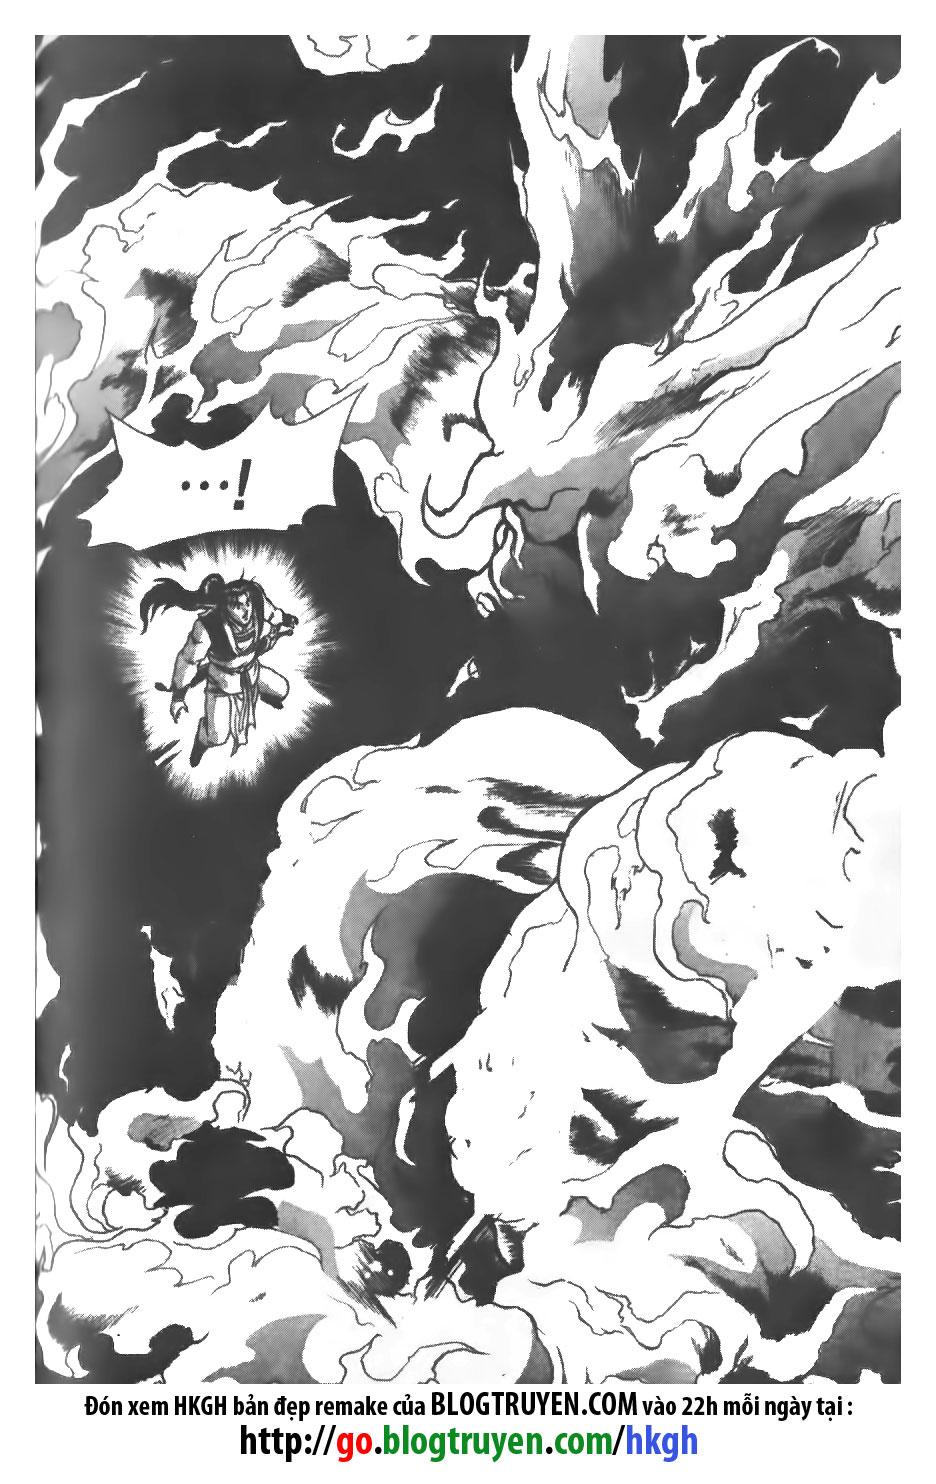 xem truyen moi - Hiệp Khách Giang Hồ Vol26 - Chap 178 - Remake